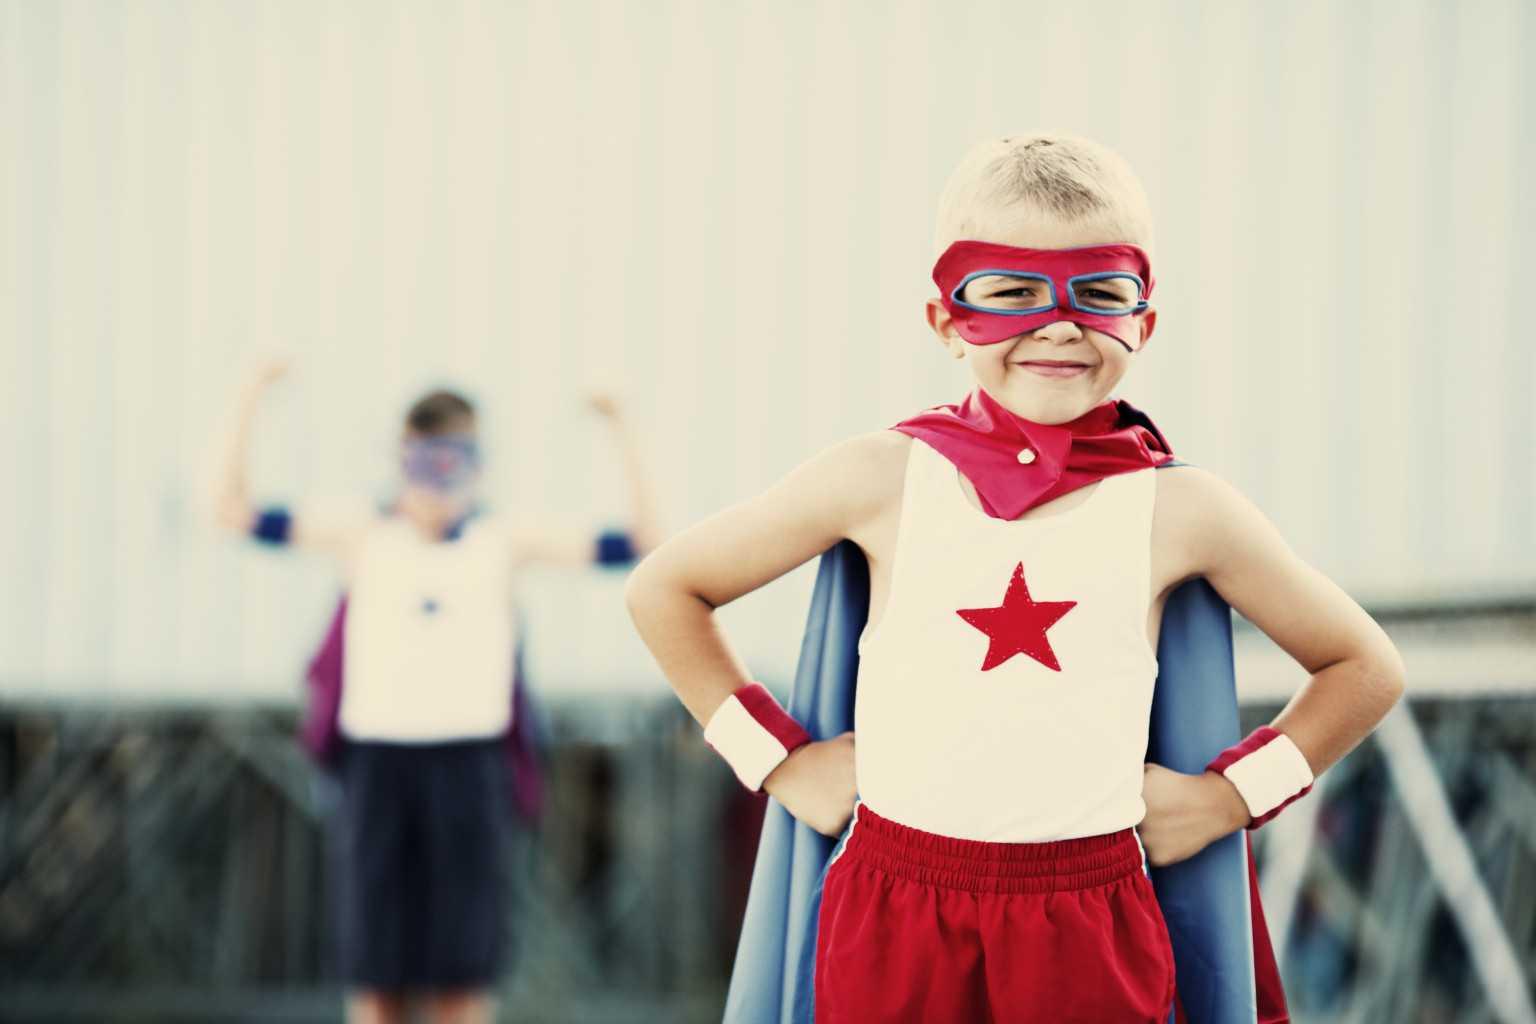 Ребенок-супергерой